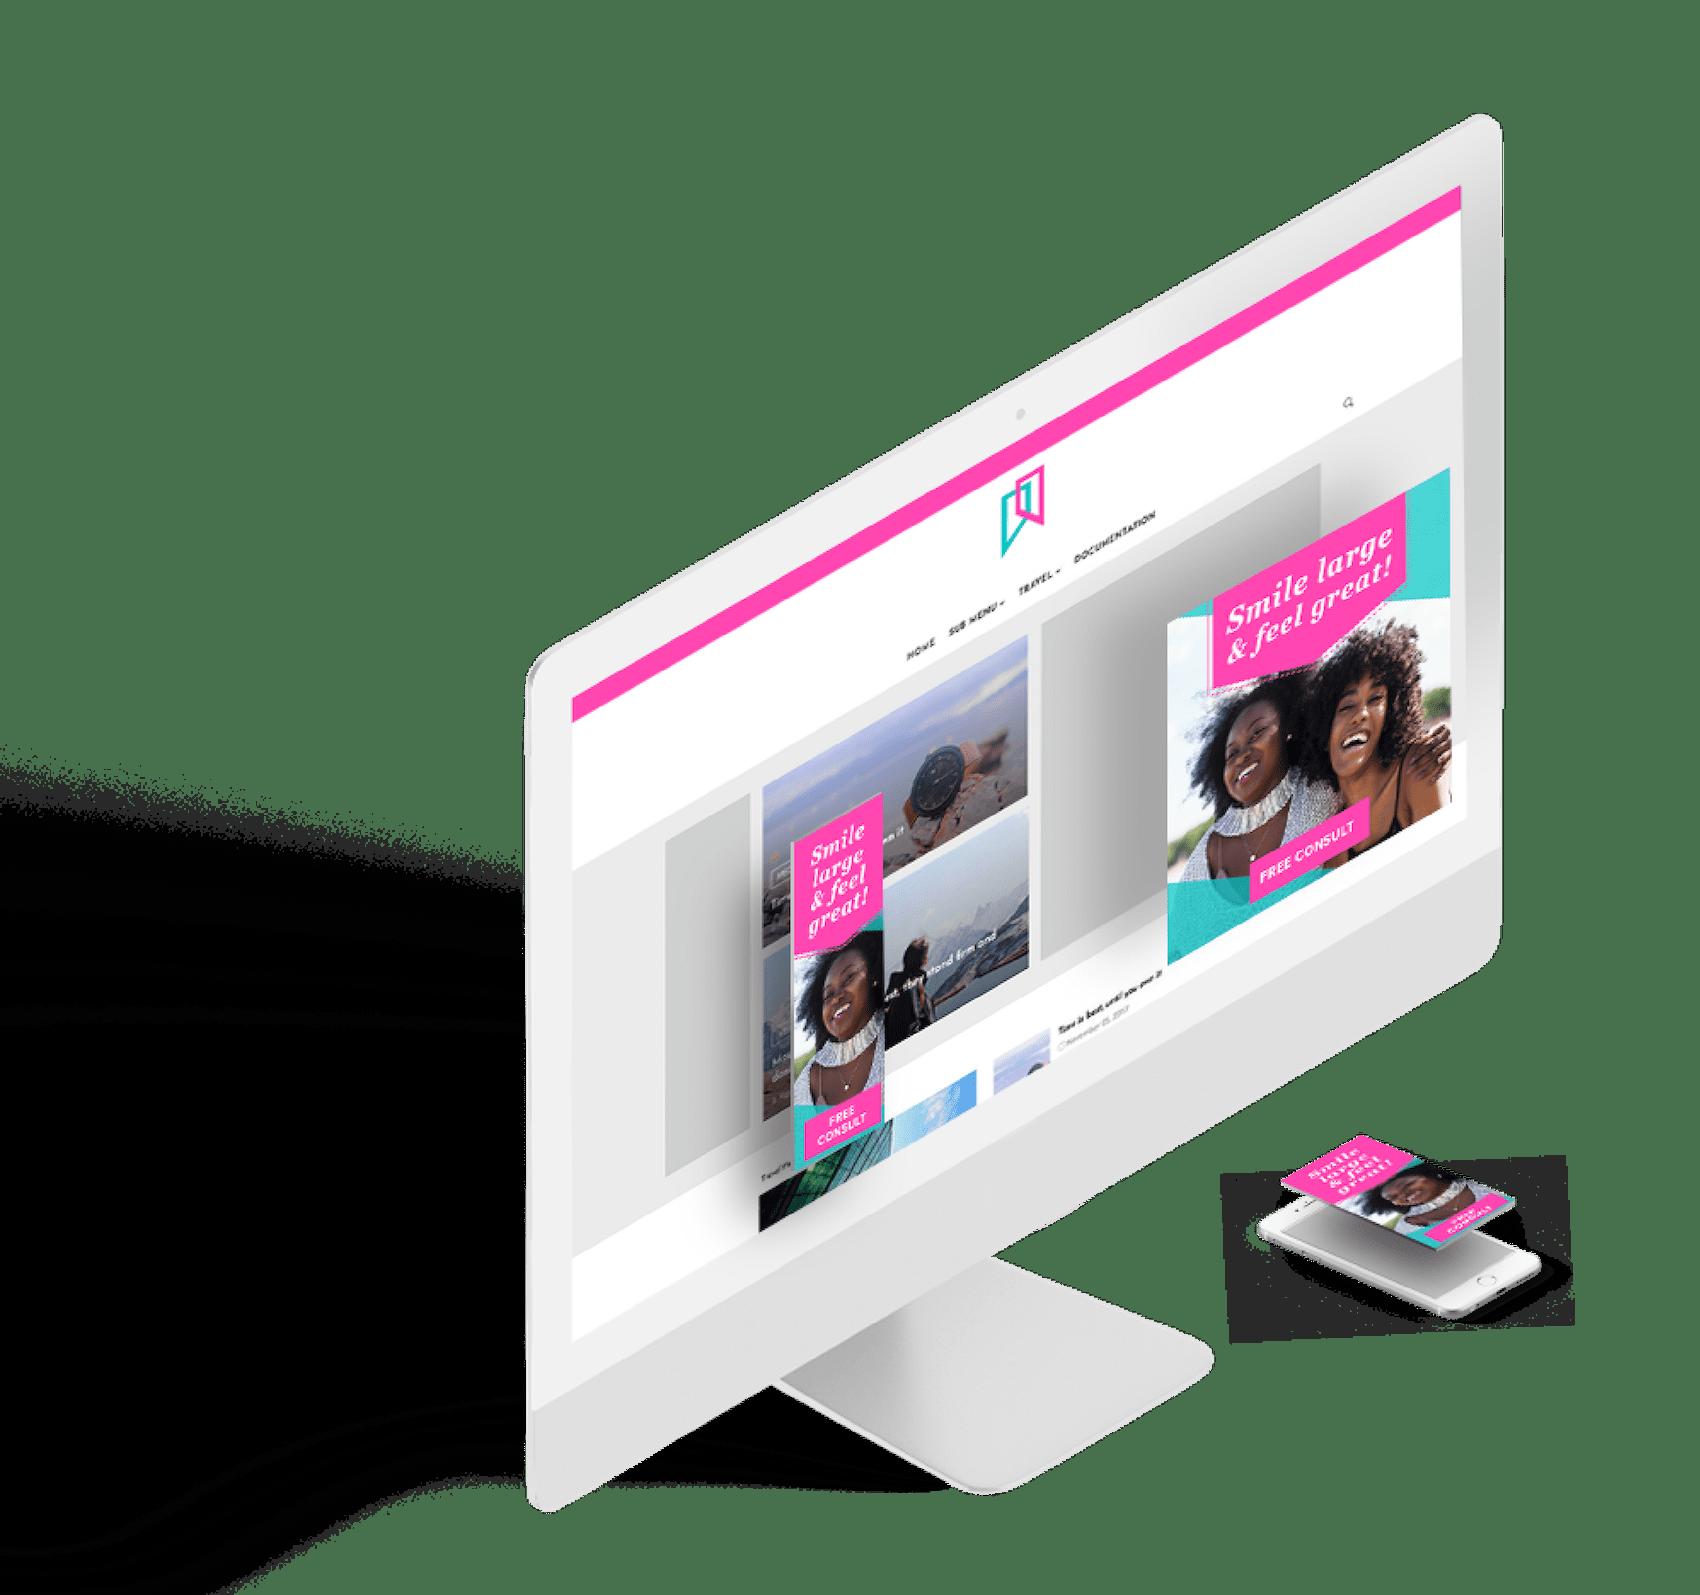 Online remarketing services